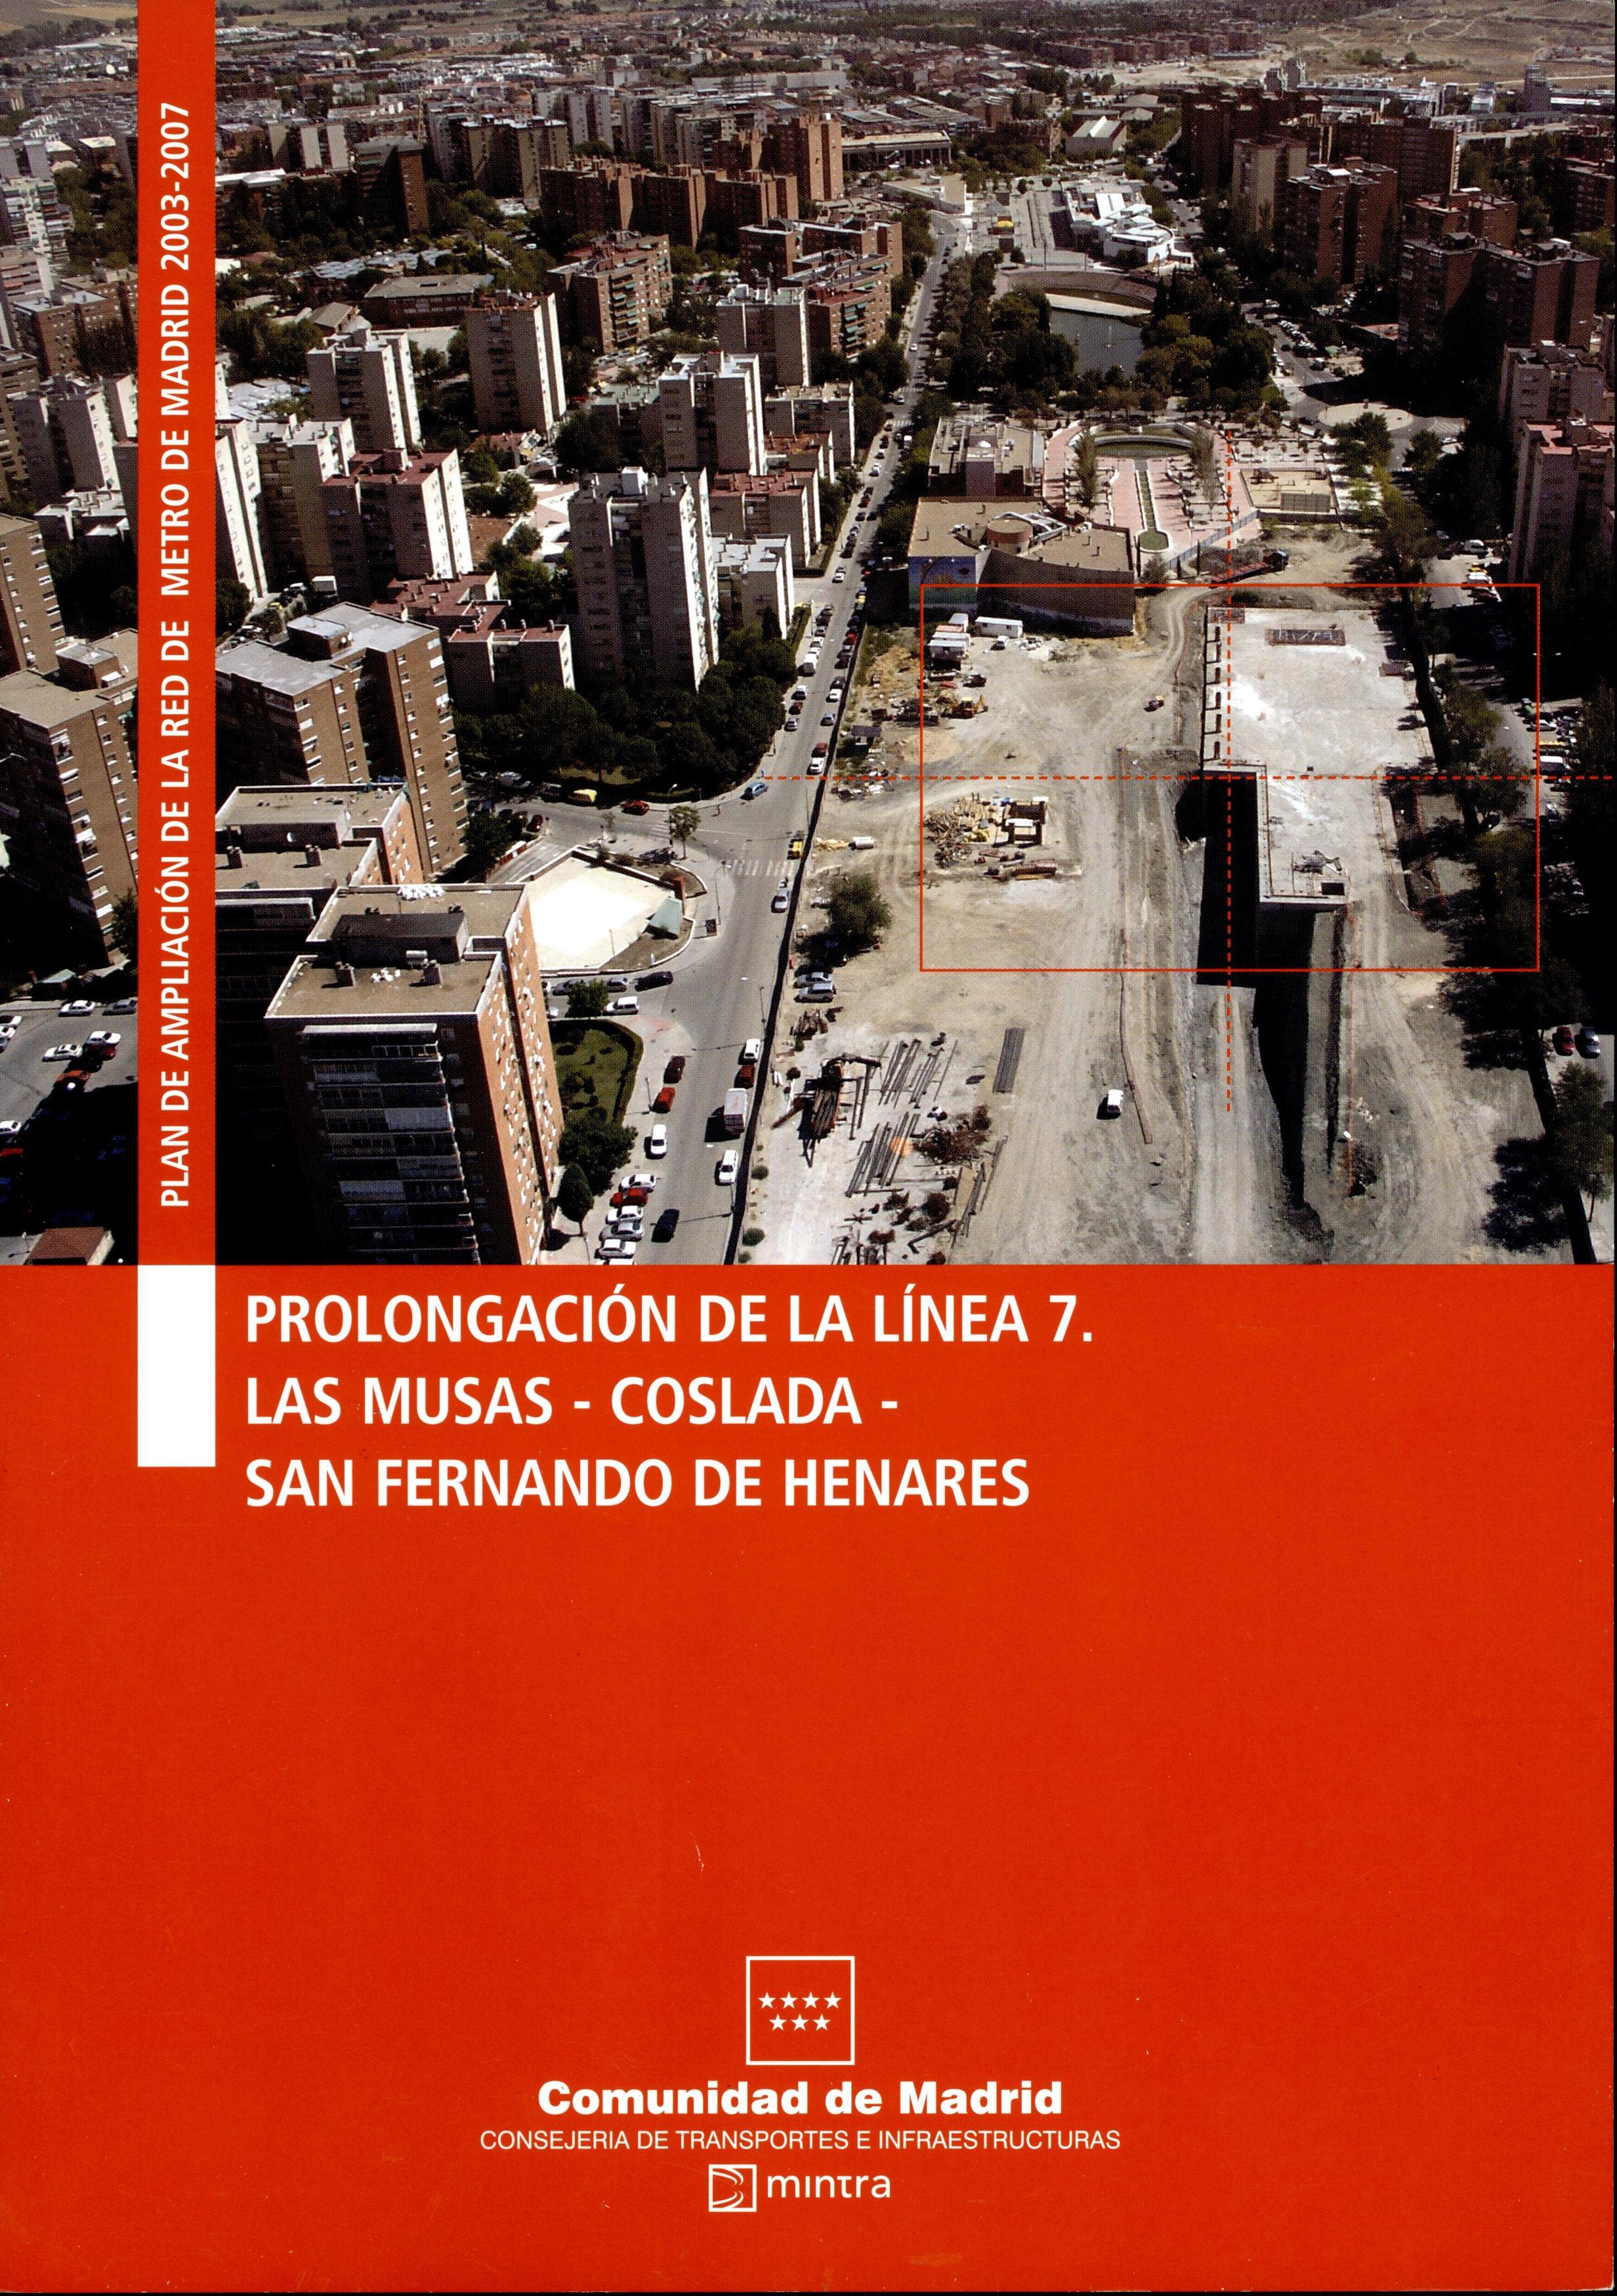 Carátula folleto L7 Las Musas-Coslada-San Fernando